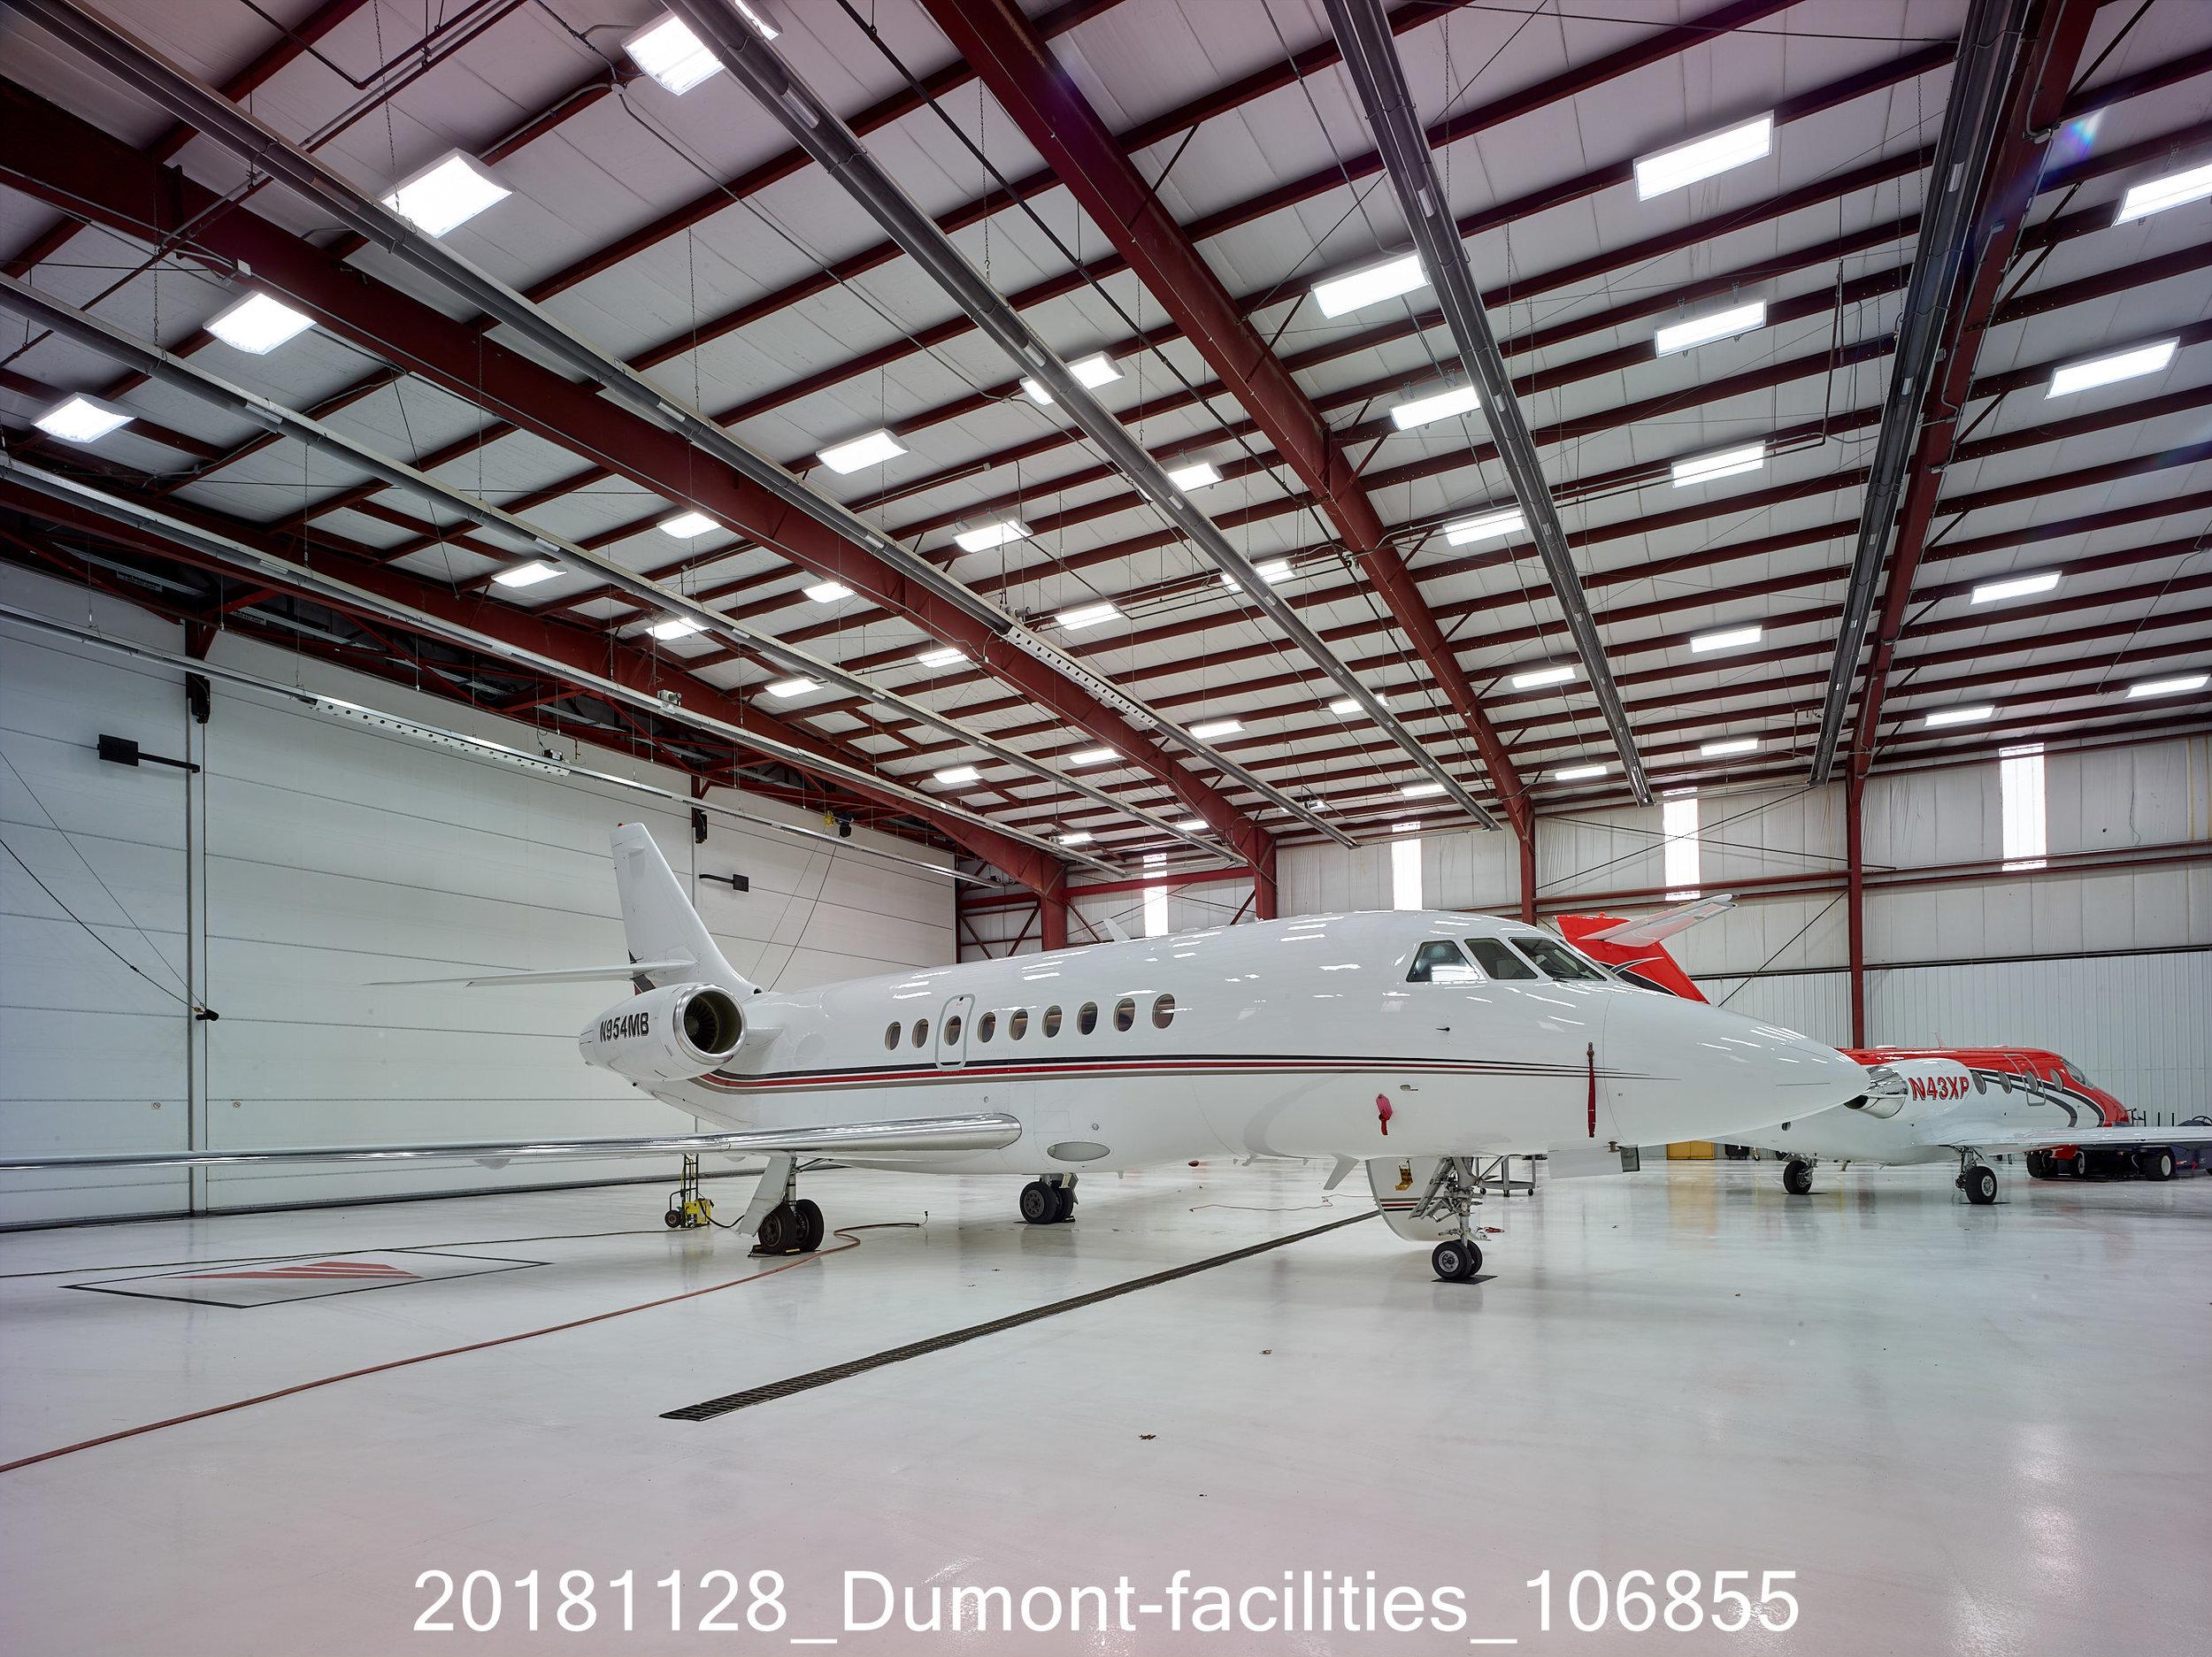 20181128_Dumont-facilities_106855.jpg